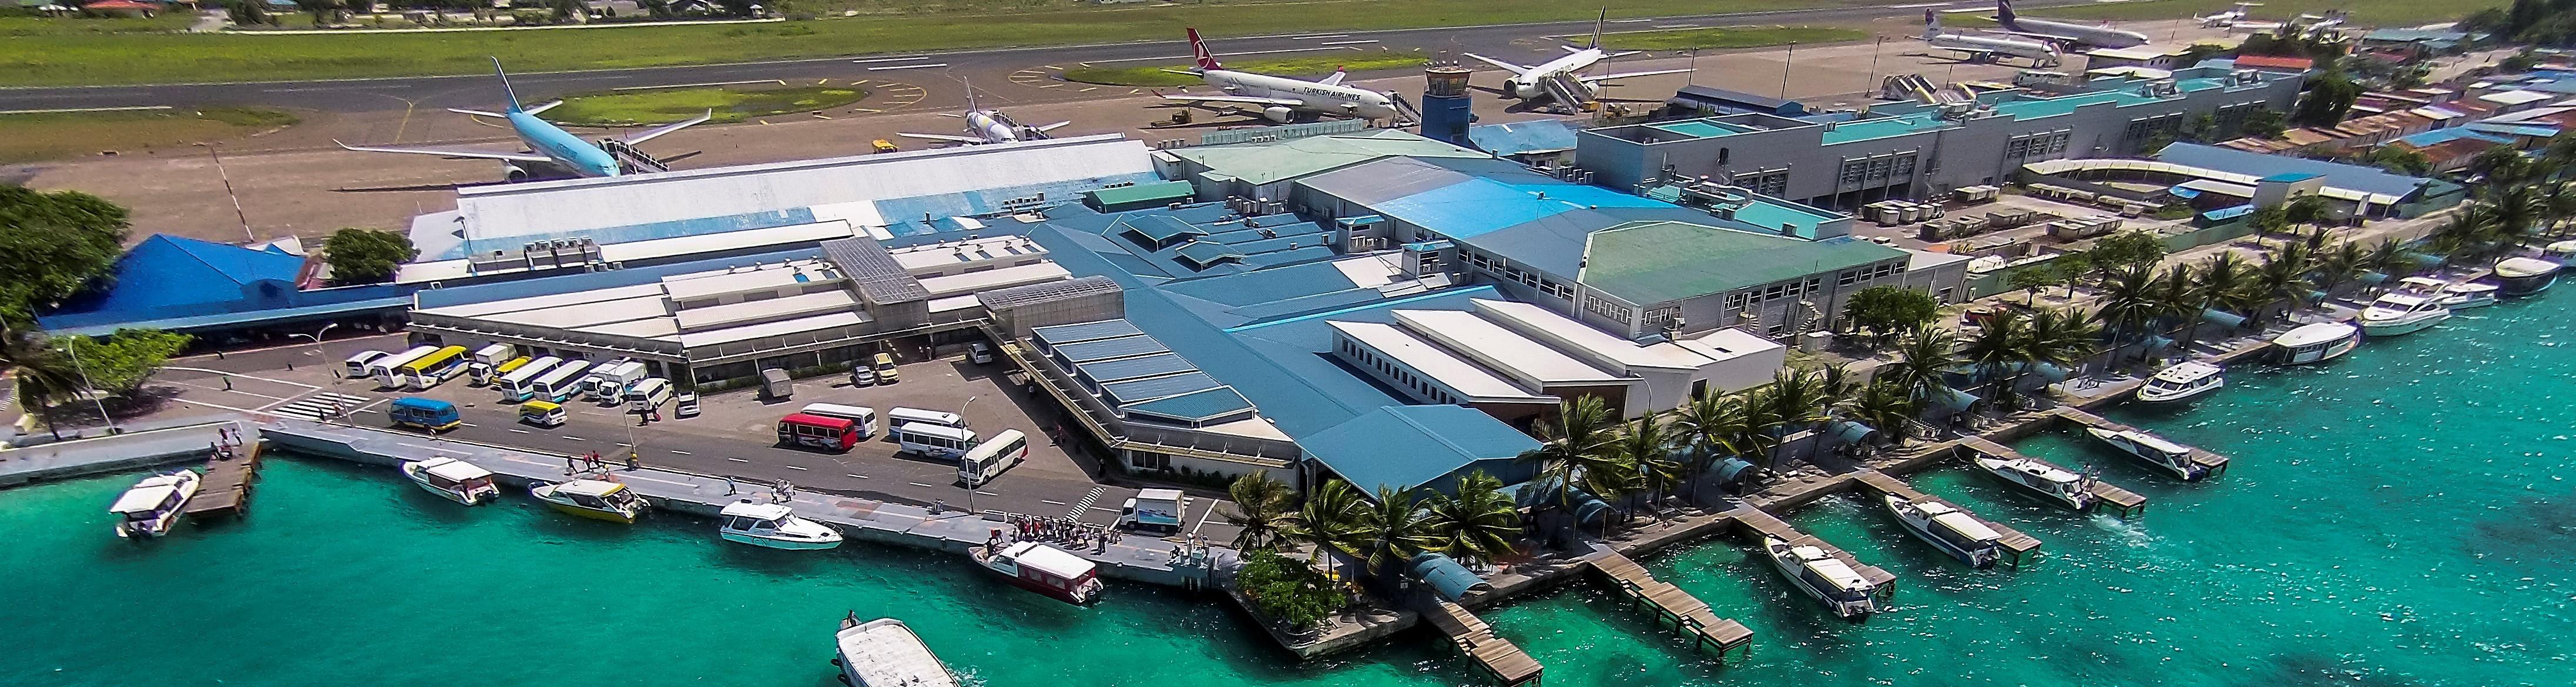 Maldives Airports Company Limited (MACL)   LinkedIn